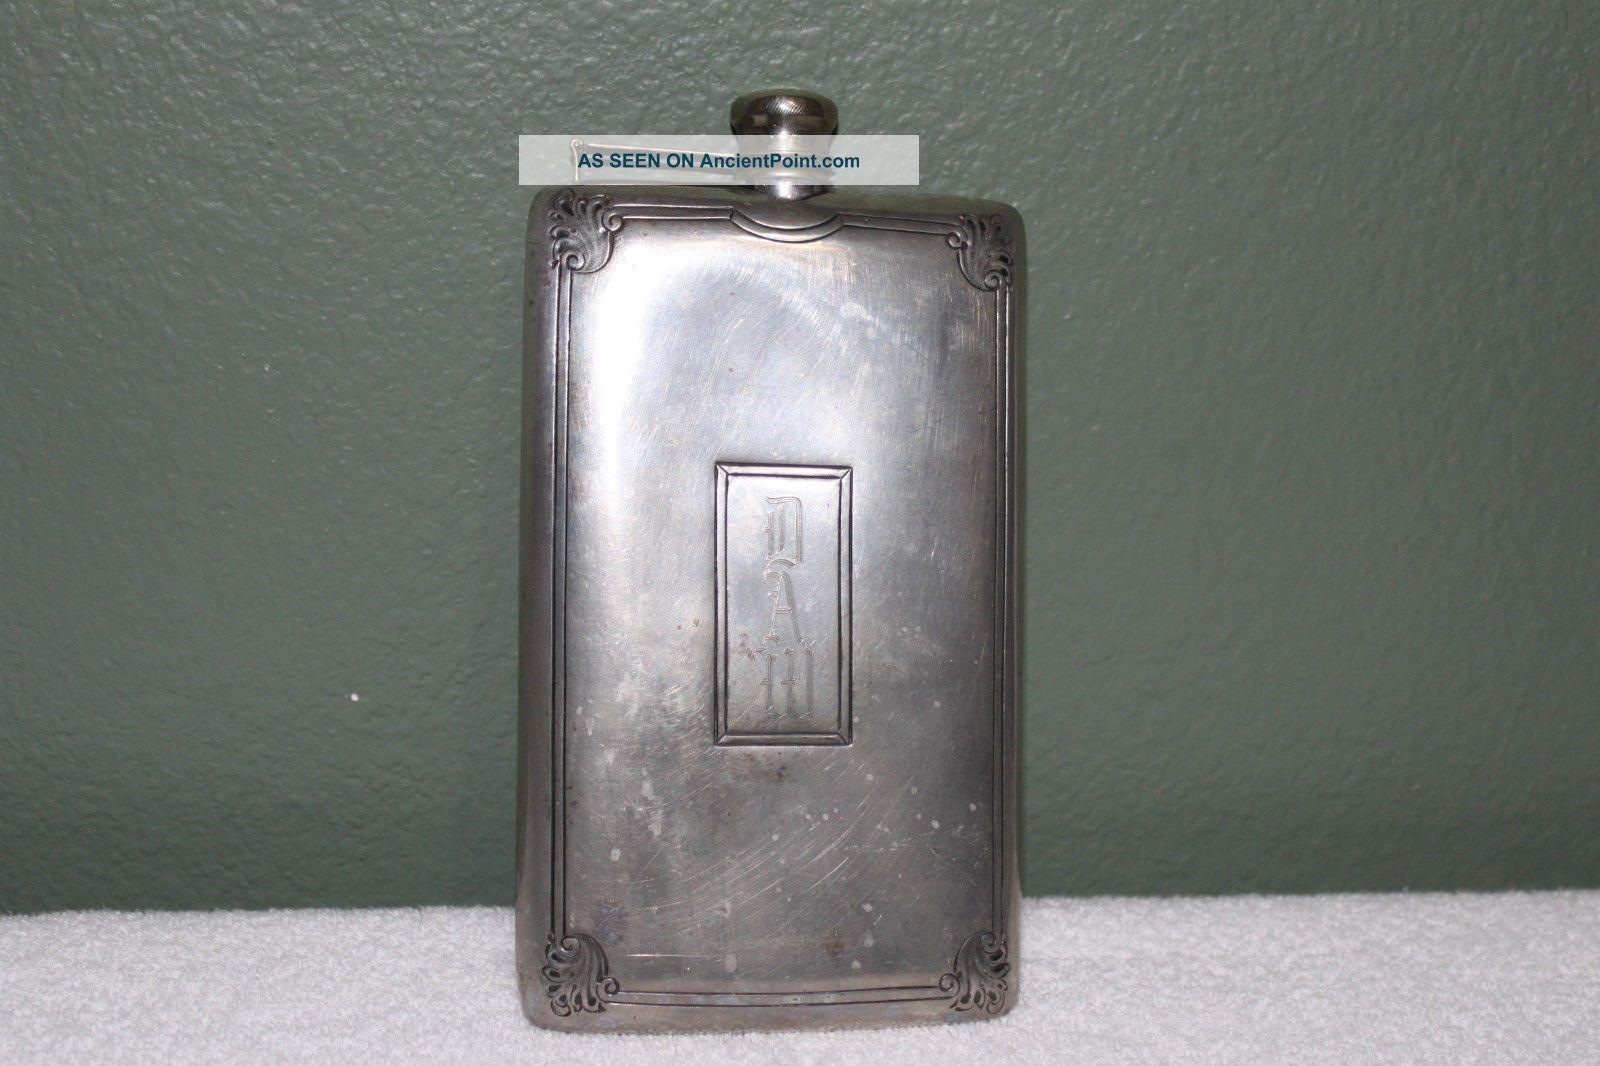 Antique Silverplate Ps Co.  Hip Flask Liquor Vintage Attached Cap 13 Oz No.  2401 Bottles, Decanters & Flasks photo